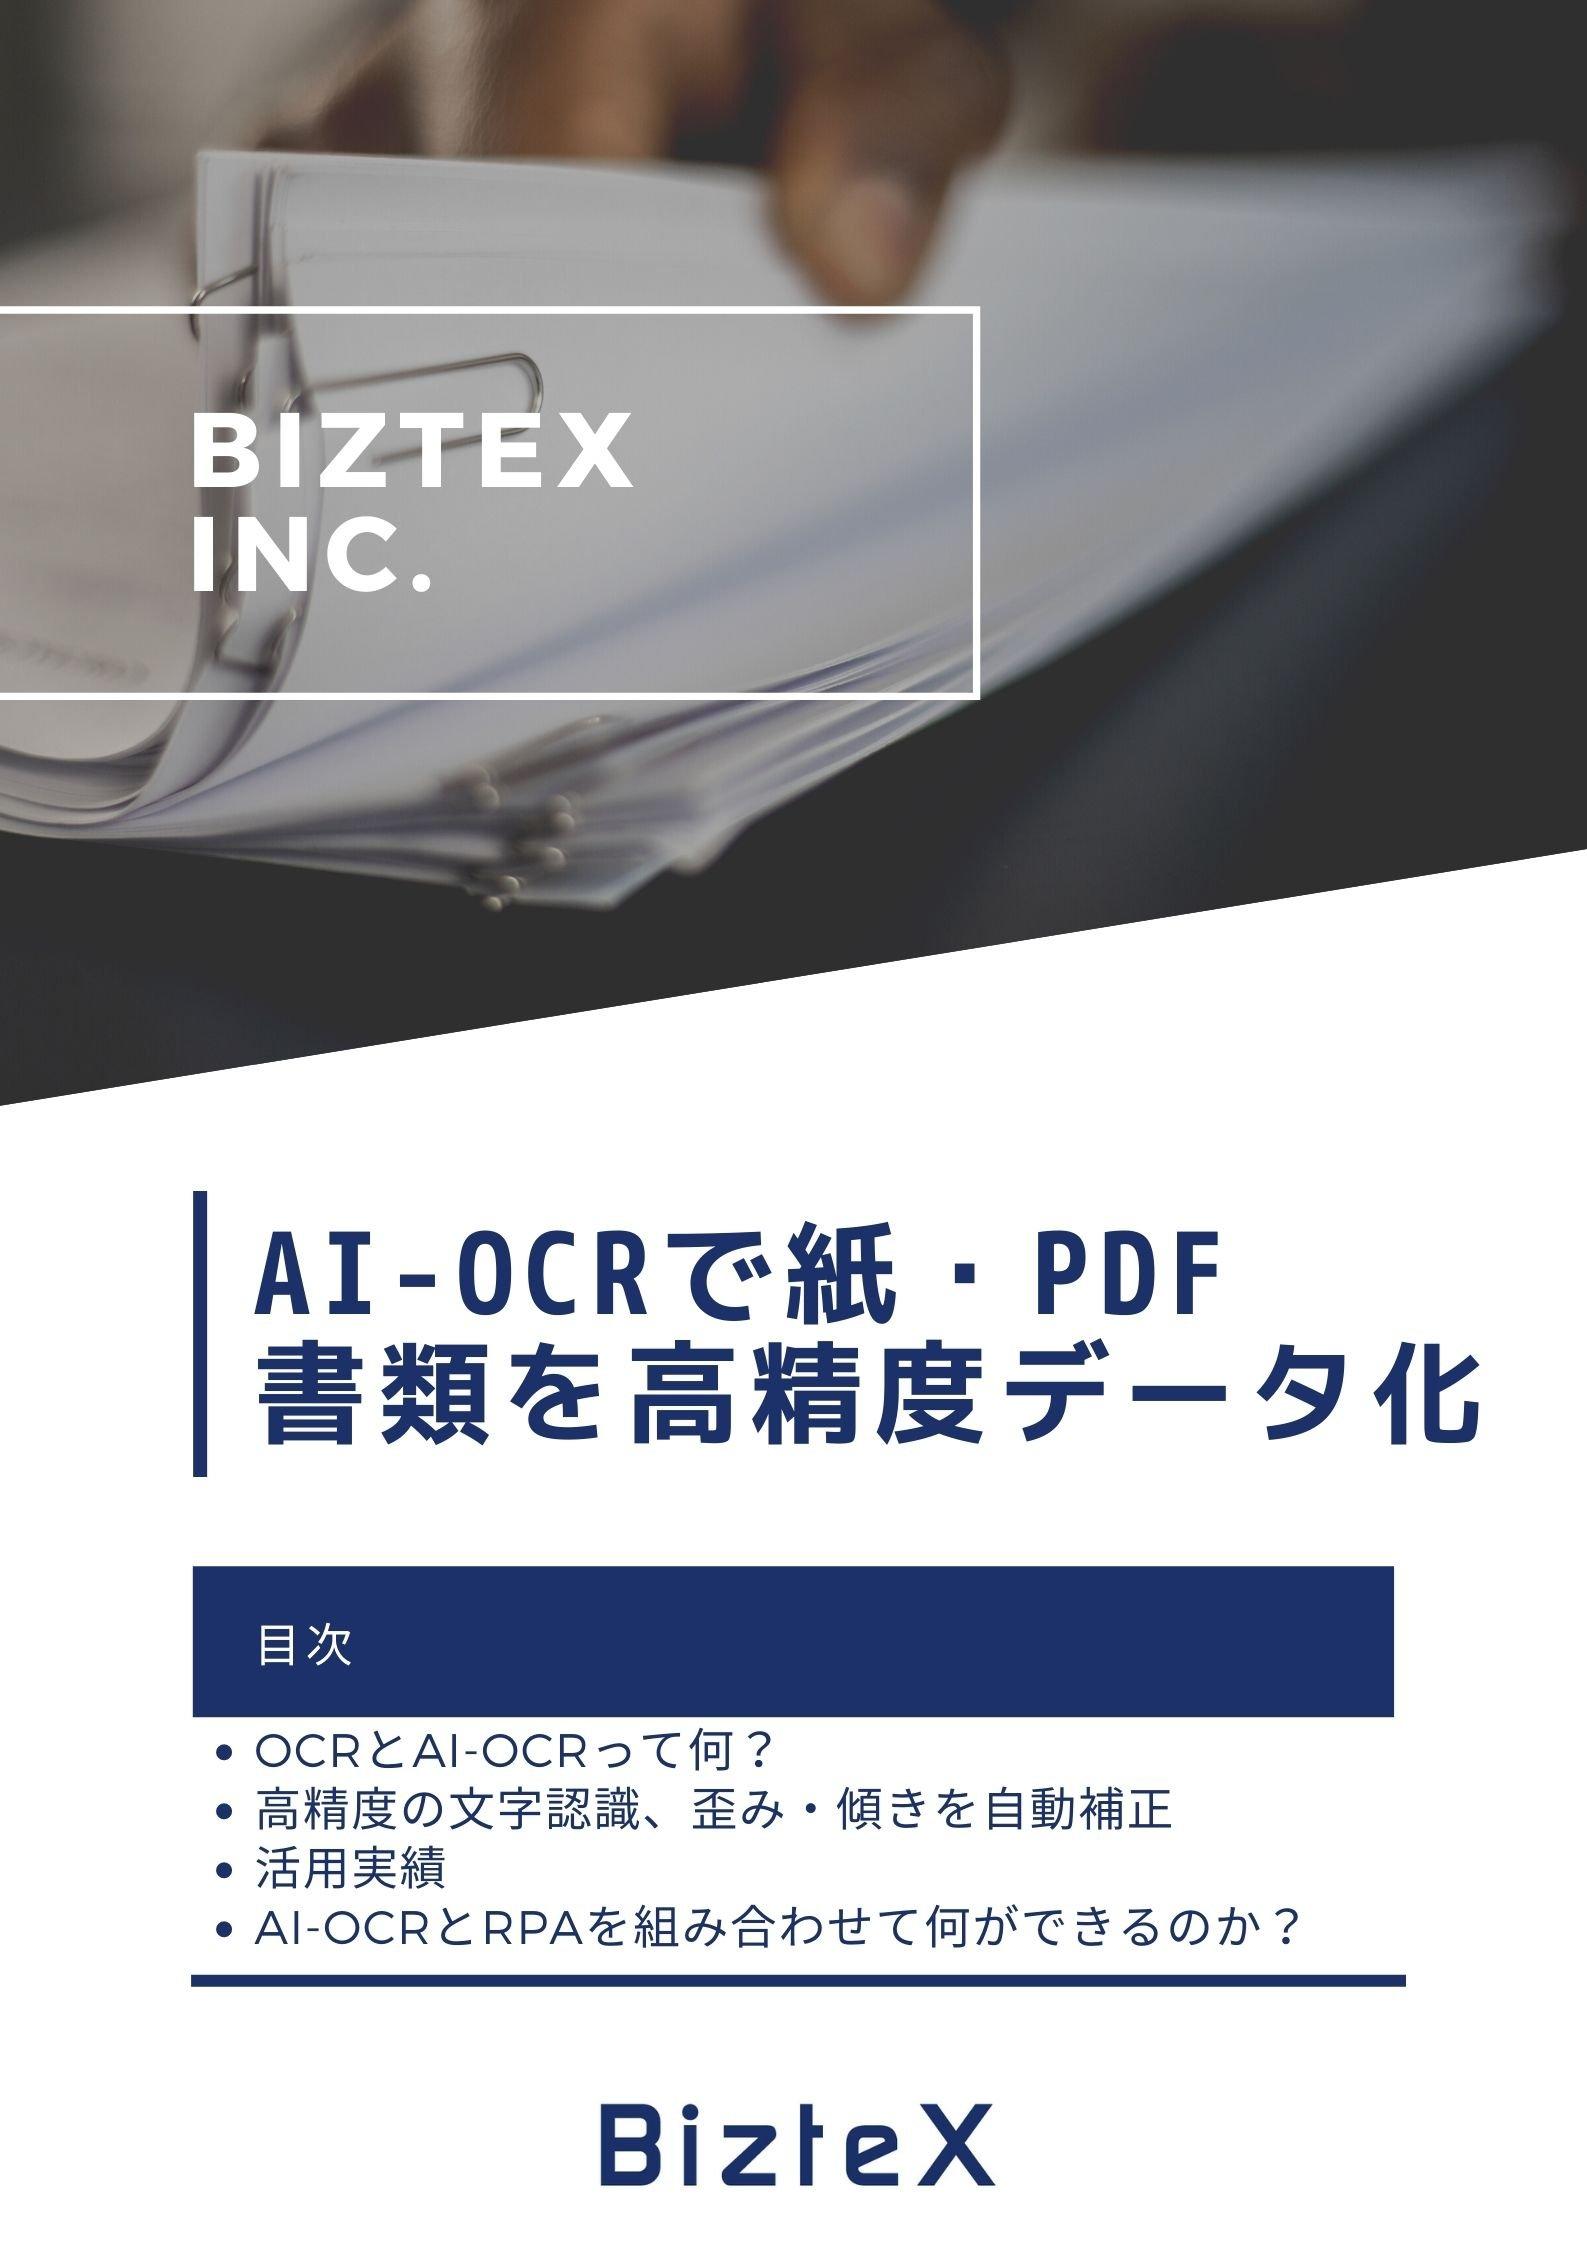 【テンプレ】ホワイトペーパーサムネ (2)